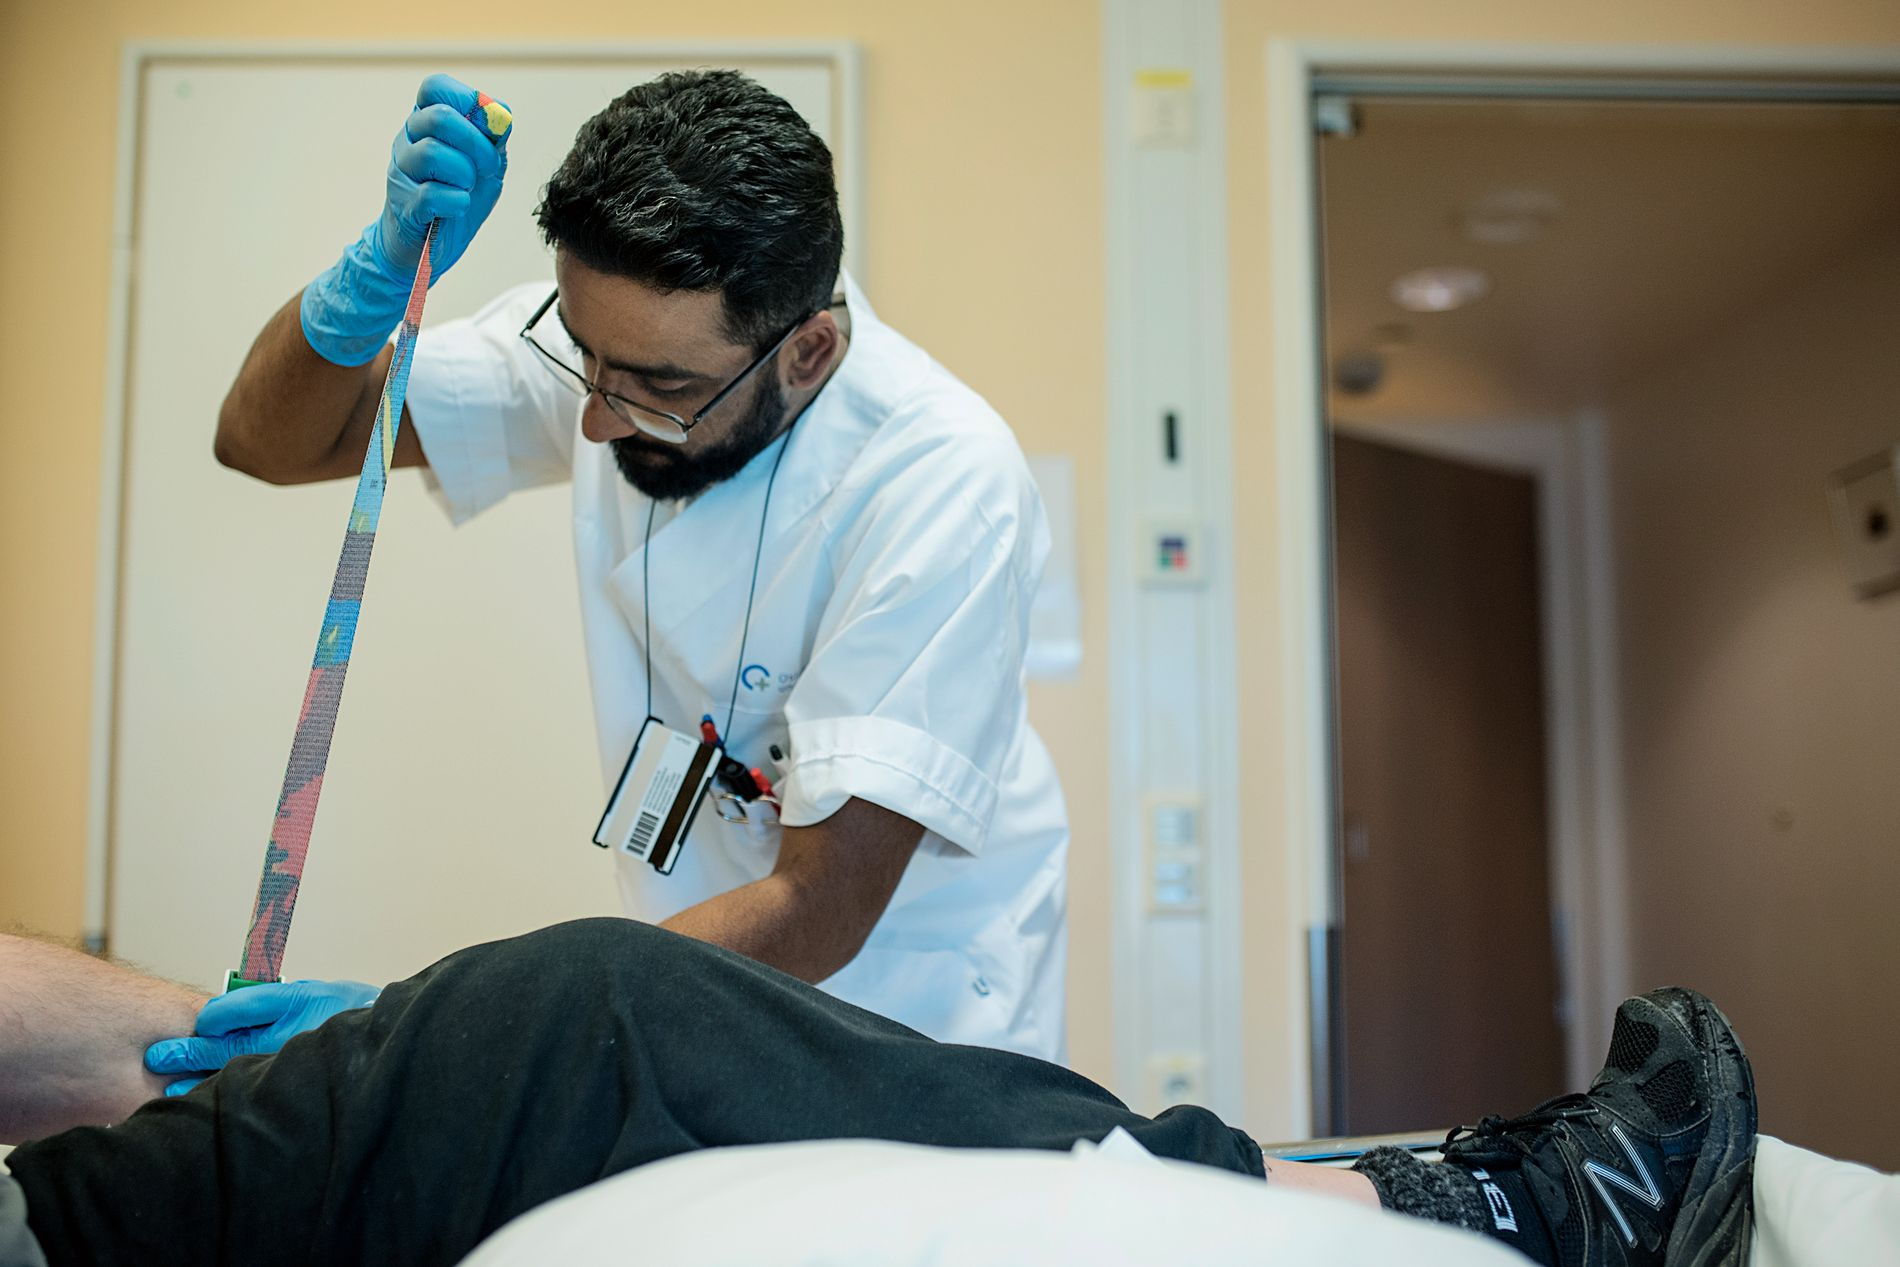 TUNGT ARBEID: Sykepleier Ansar Qadeer (30) tar blodprøver på en av sine pasienter på Nevrologisk avdeling på Rikshospitalet. – Yrket passer godt for menn, fordi det er fysisk krevende, sier han.